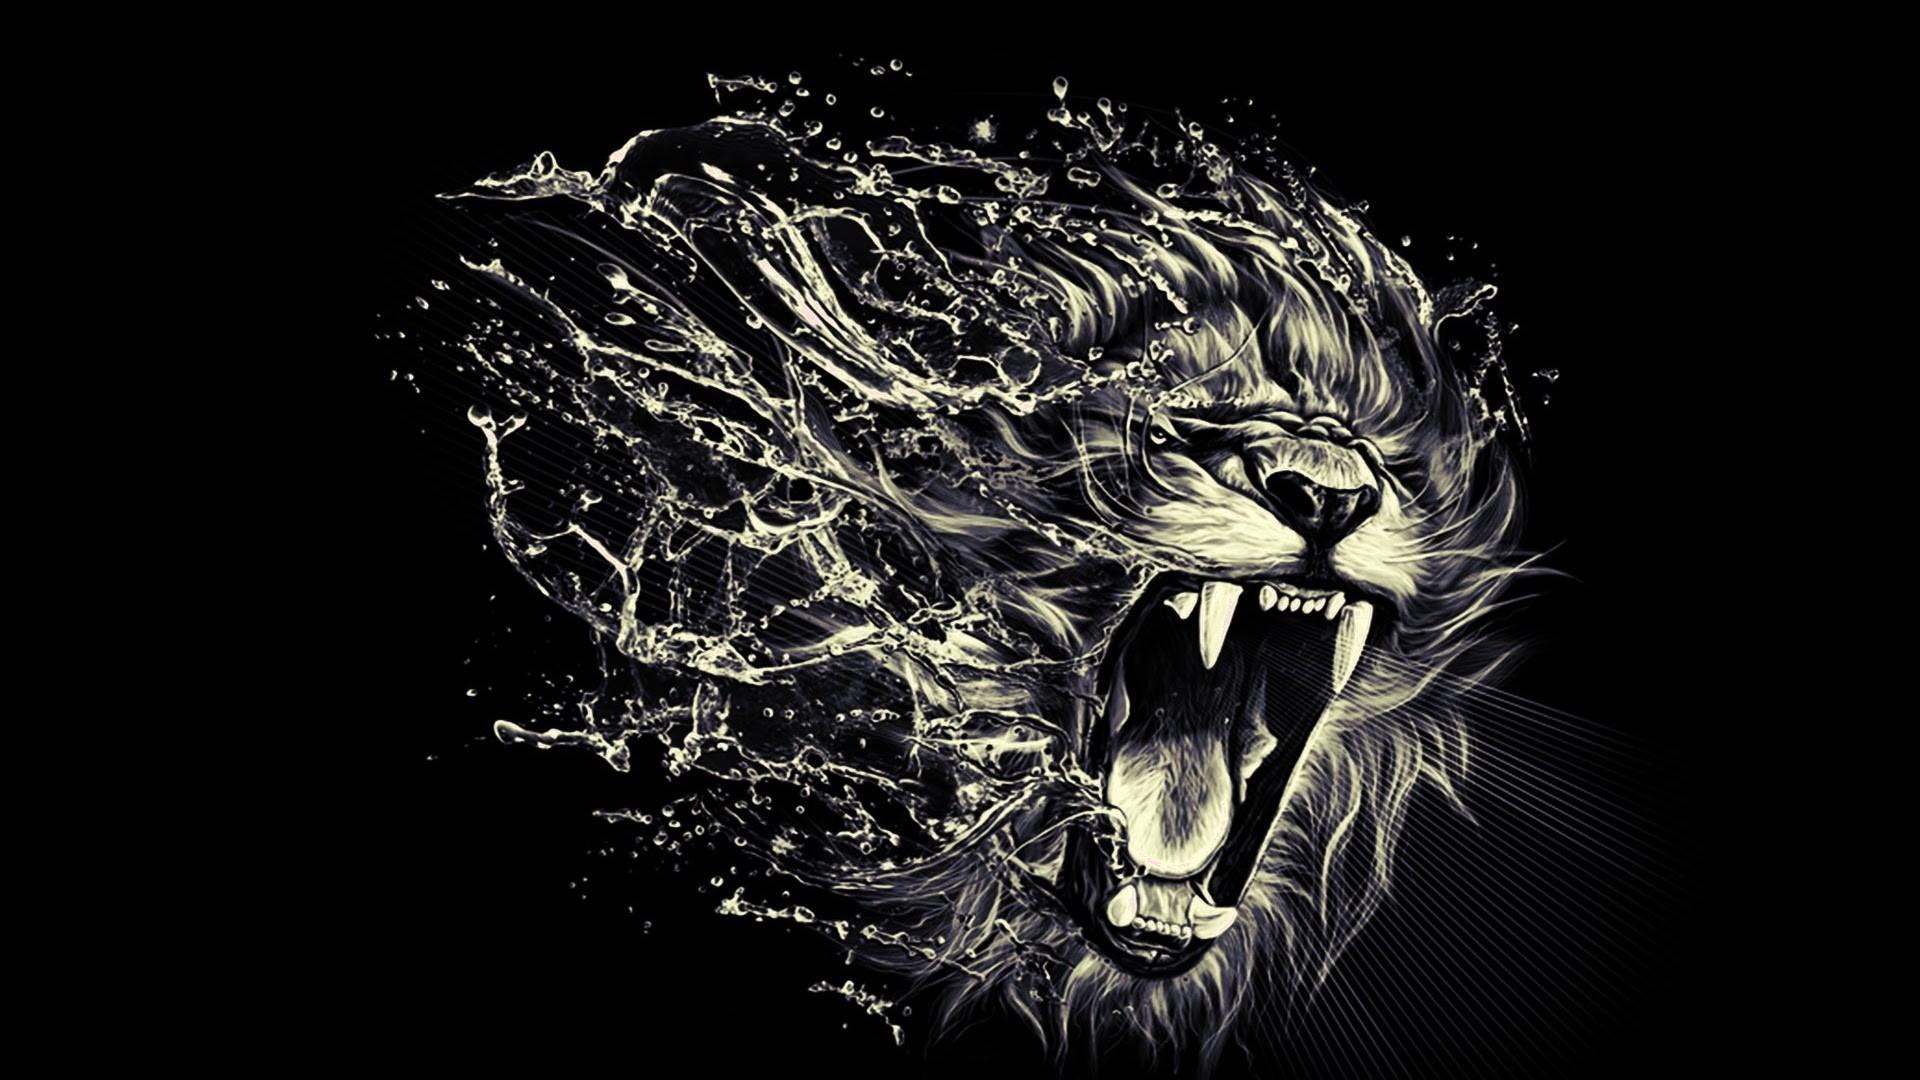 Lion Tattoo Hd Wallpaper